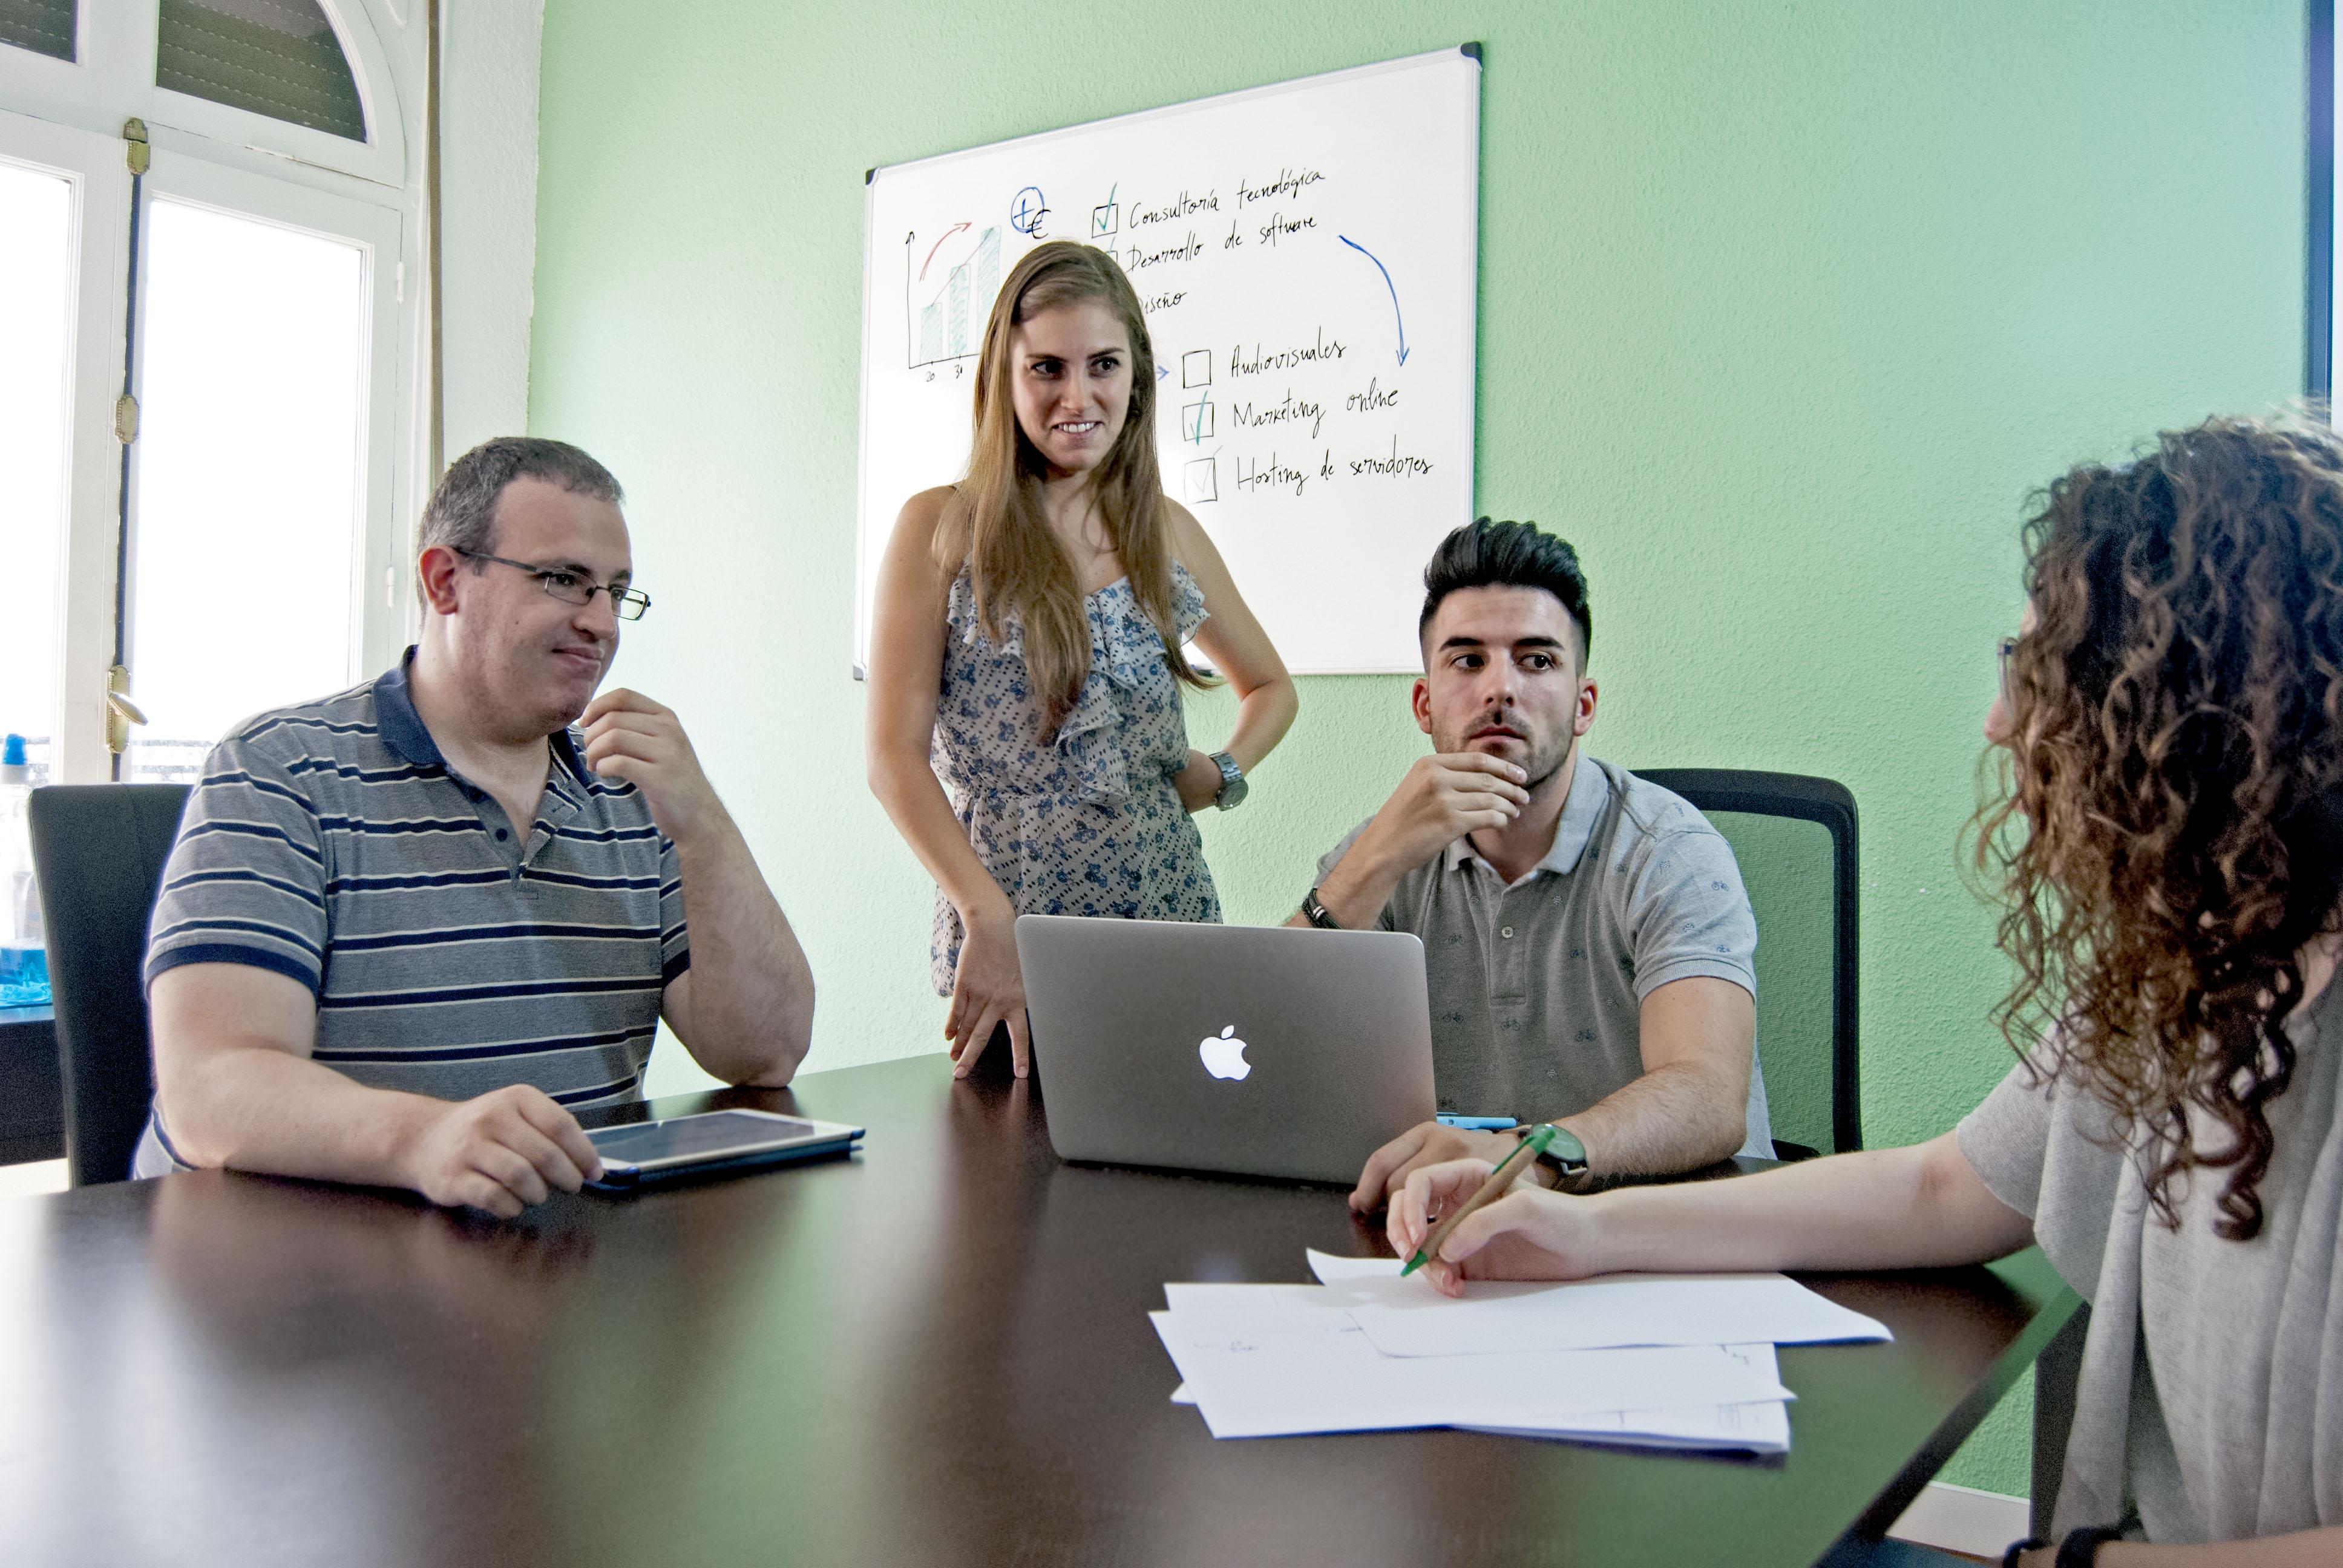 ¿Quieres aprender más sobre desarrollo de software? ¡Síguenos!